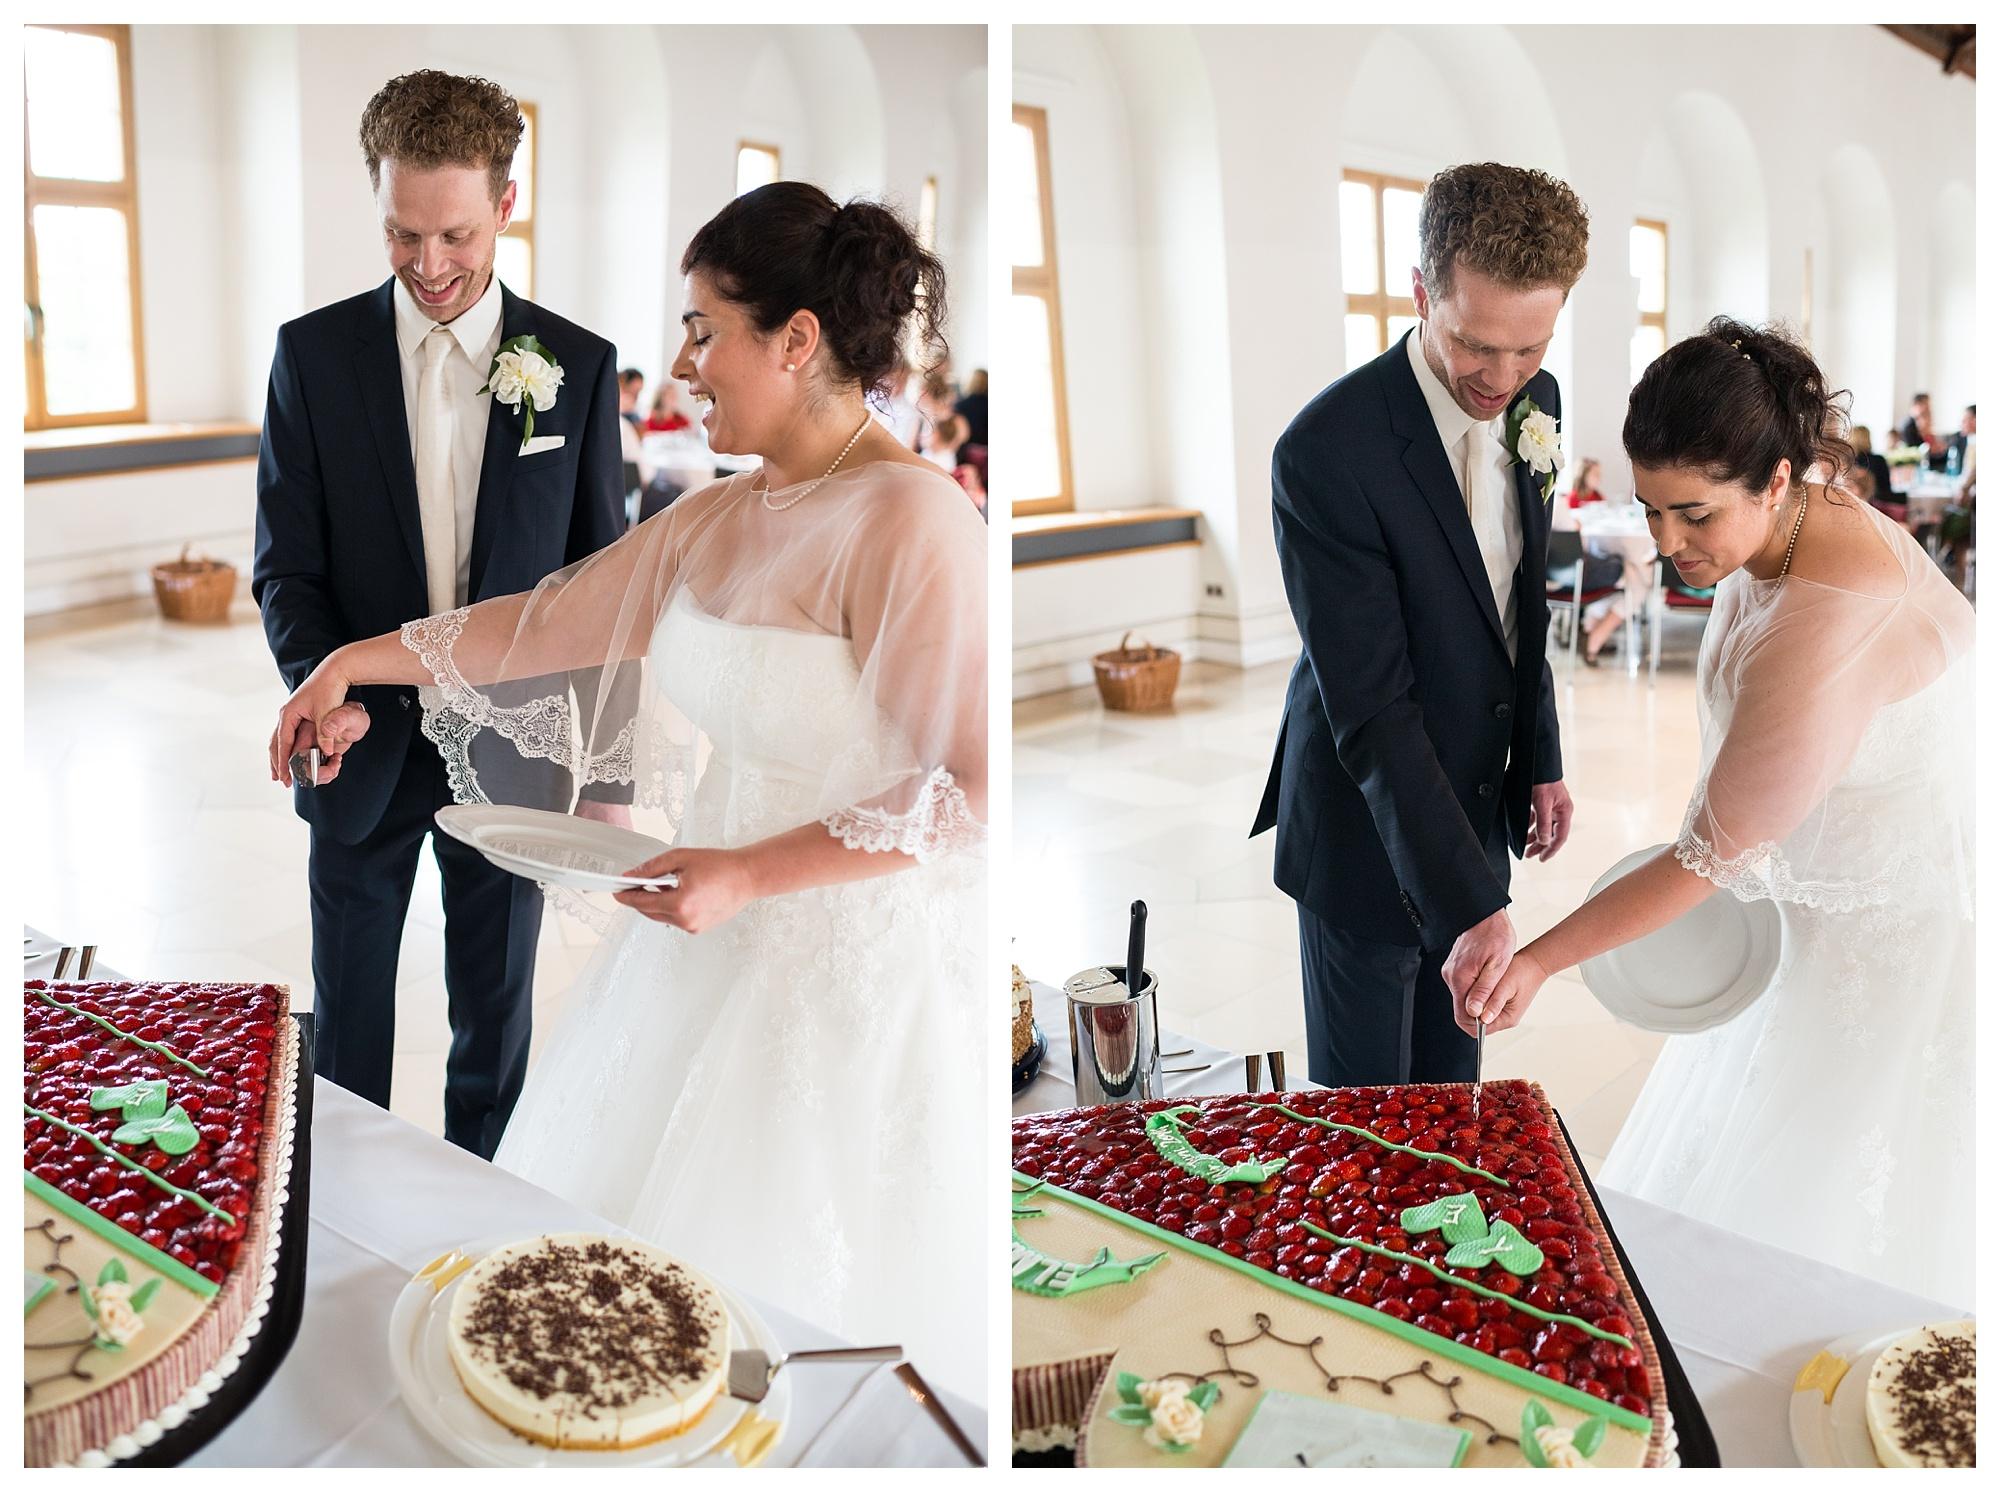 Fotograf Konstanz - Hochzeit Tanja Elmar Elmar Feuerbacher Photography Konstanz Messkirch Highlights 061 - Hochzeitsreportage von Tanja und Elmar im Schloss Meßkirch  - 164 -